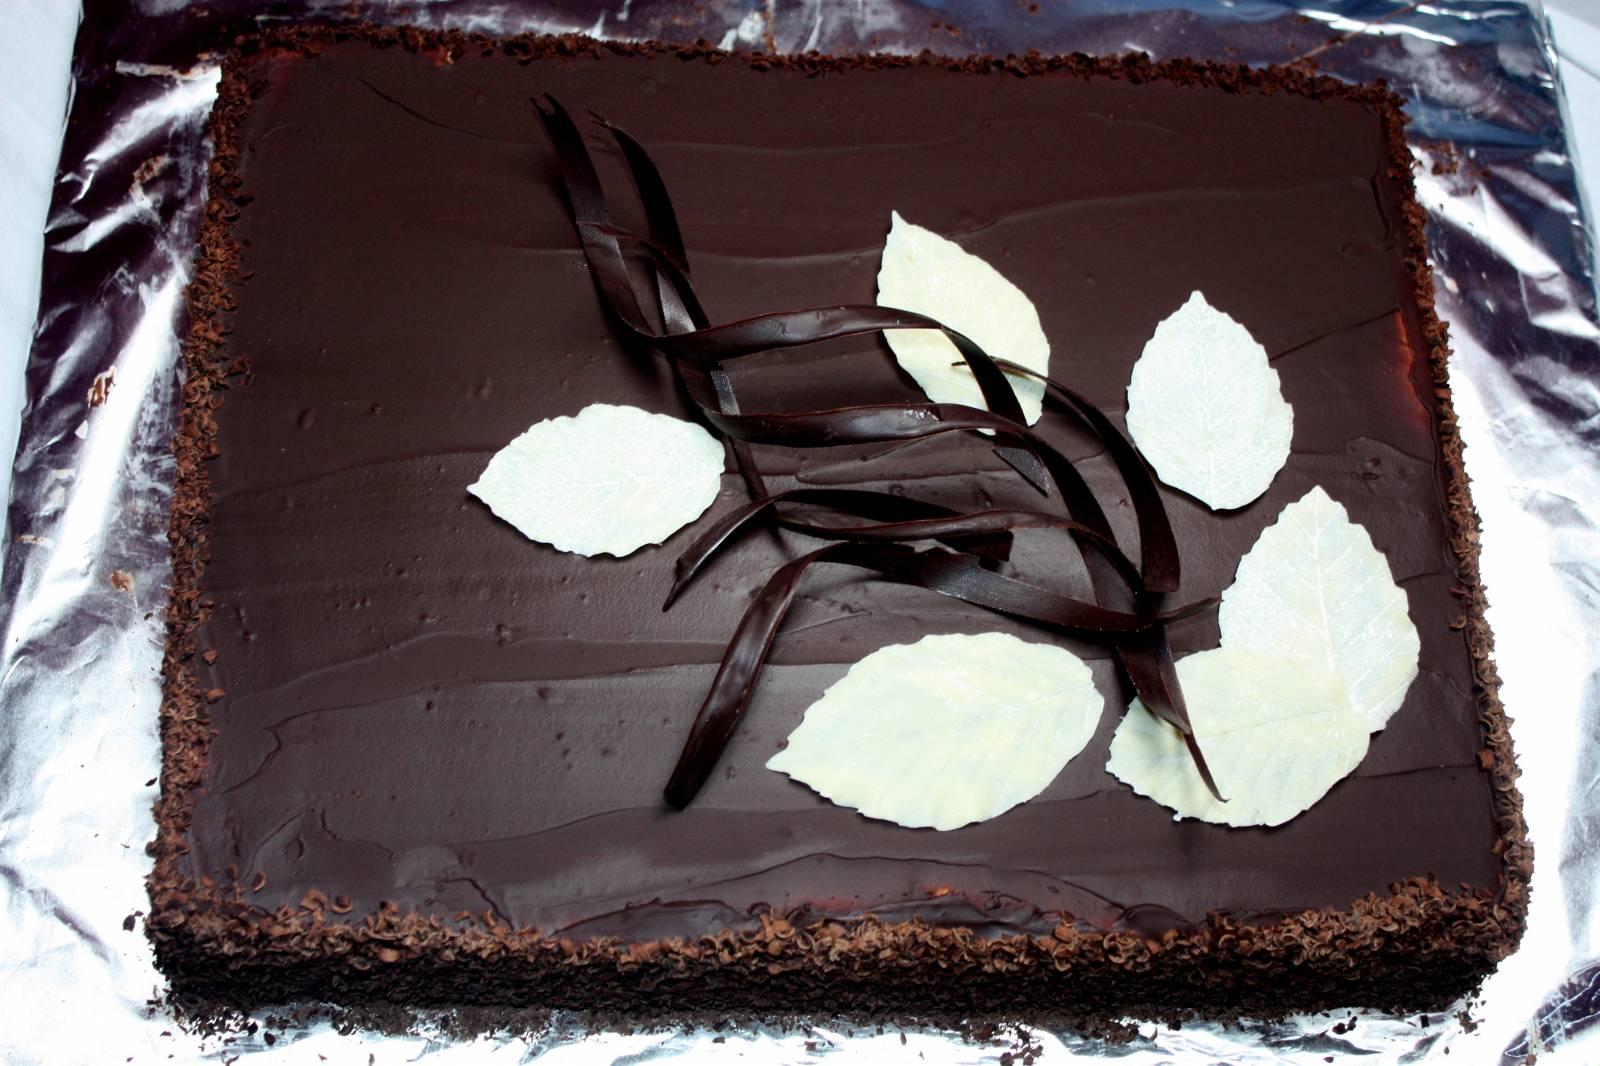 Как украсить торт шоколадом в домашних условиях: различные узоры 3